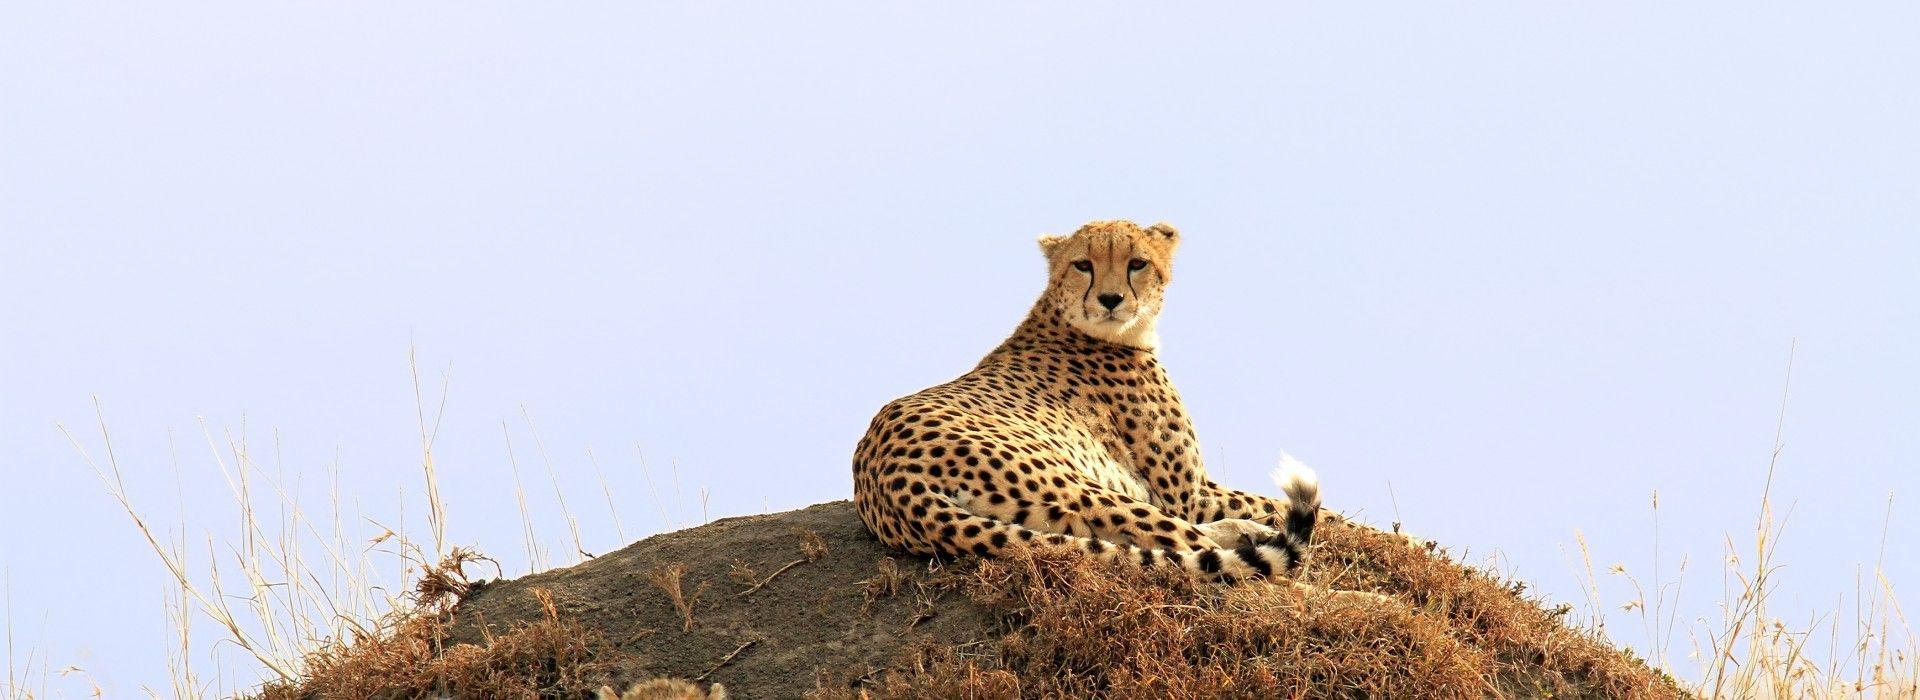 National Parks in Kenya Tours